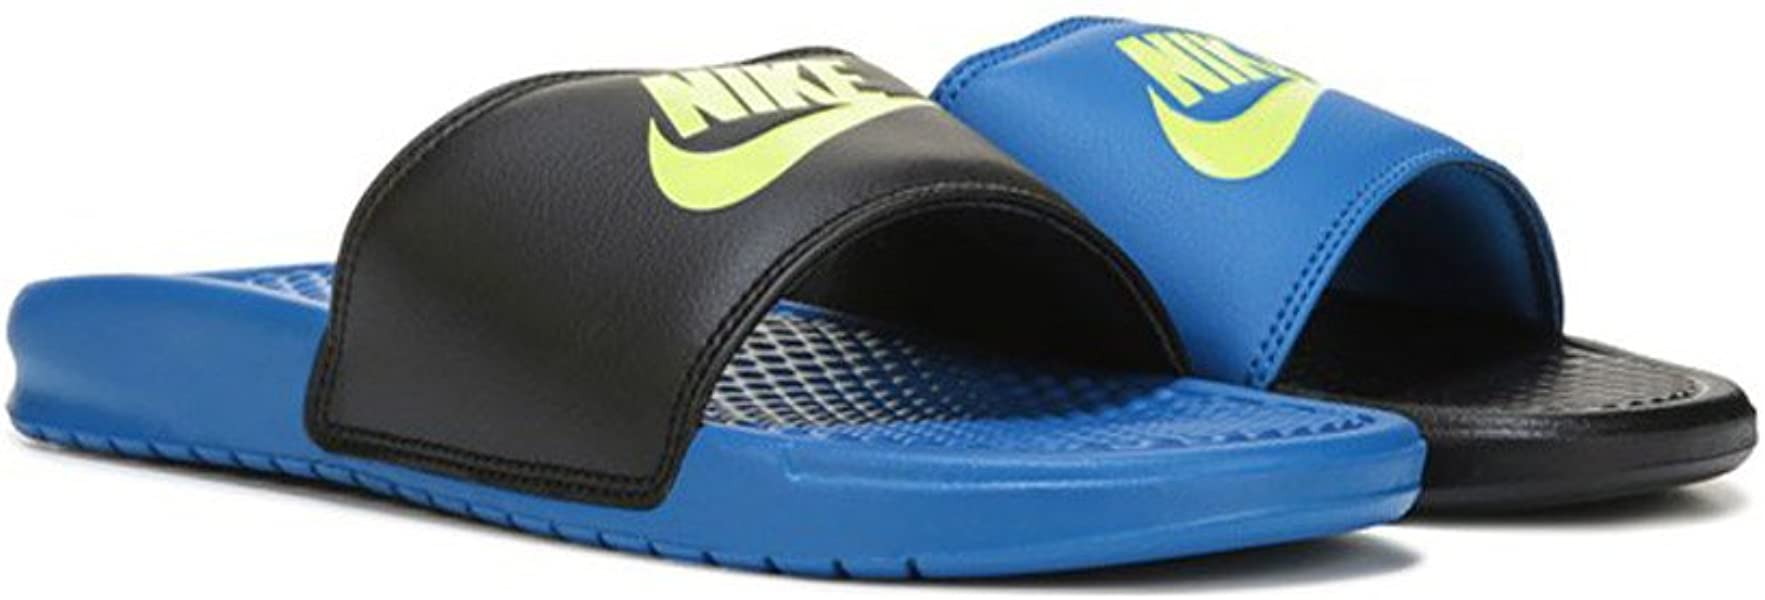 free shipping e2906 e1d23 Nike Men s Benassi JDI Mismatch - Black Volt-Blue Spark - 818736-074